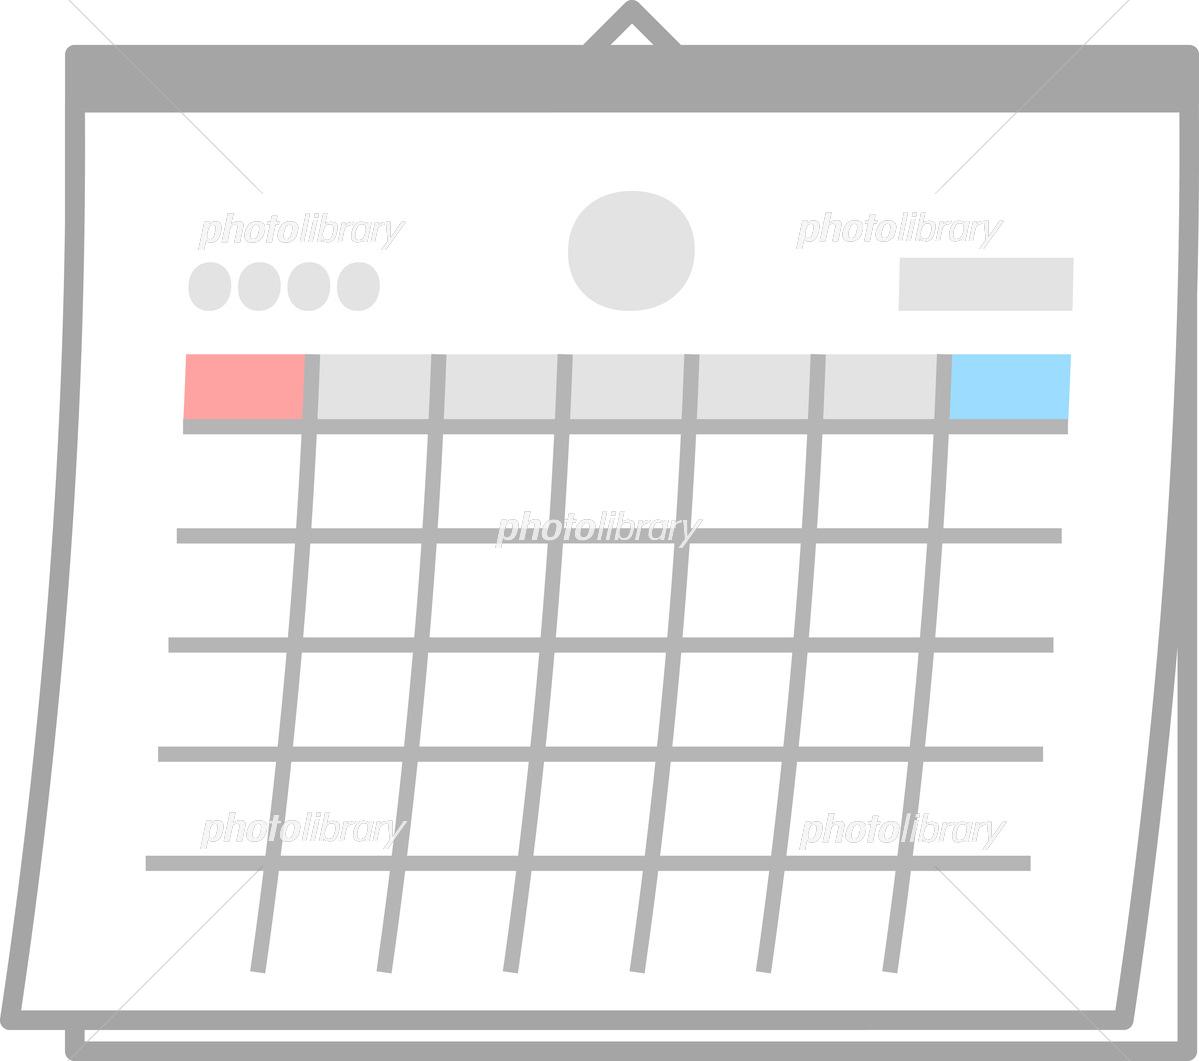 カレンダー フリー FreeCalendar は無料書き込みWEBカレンダー